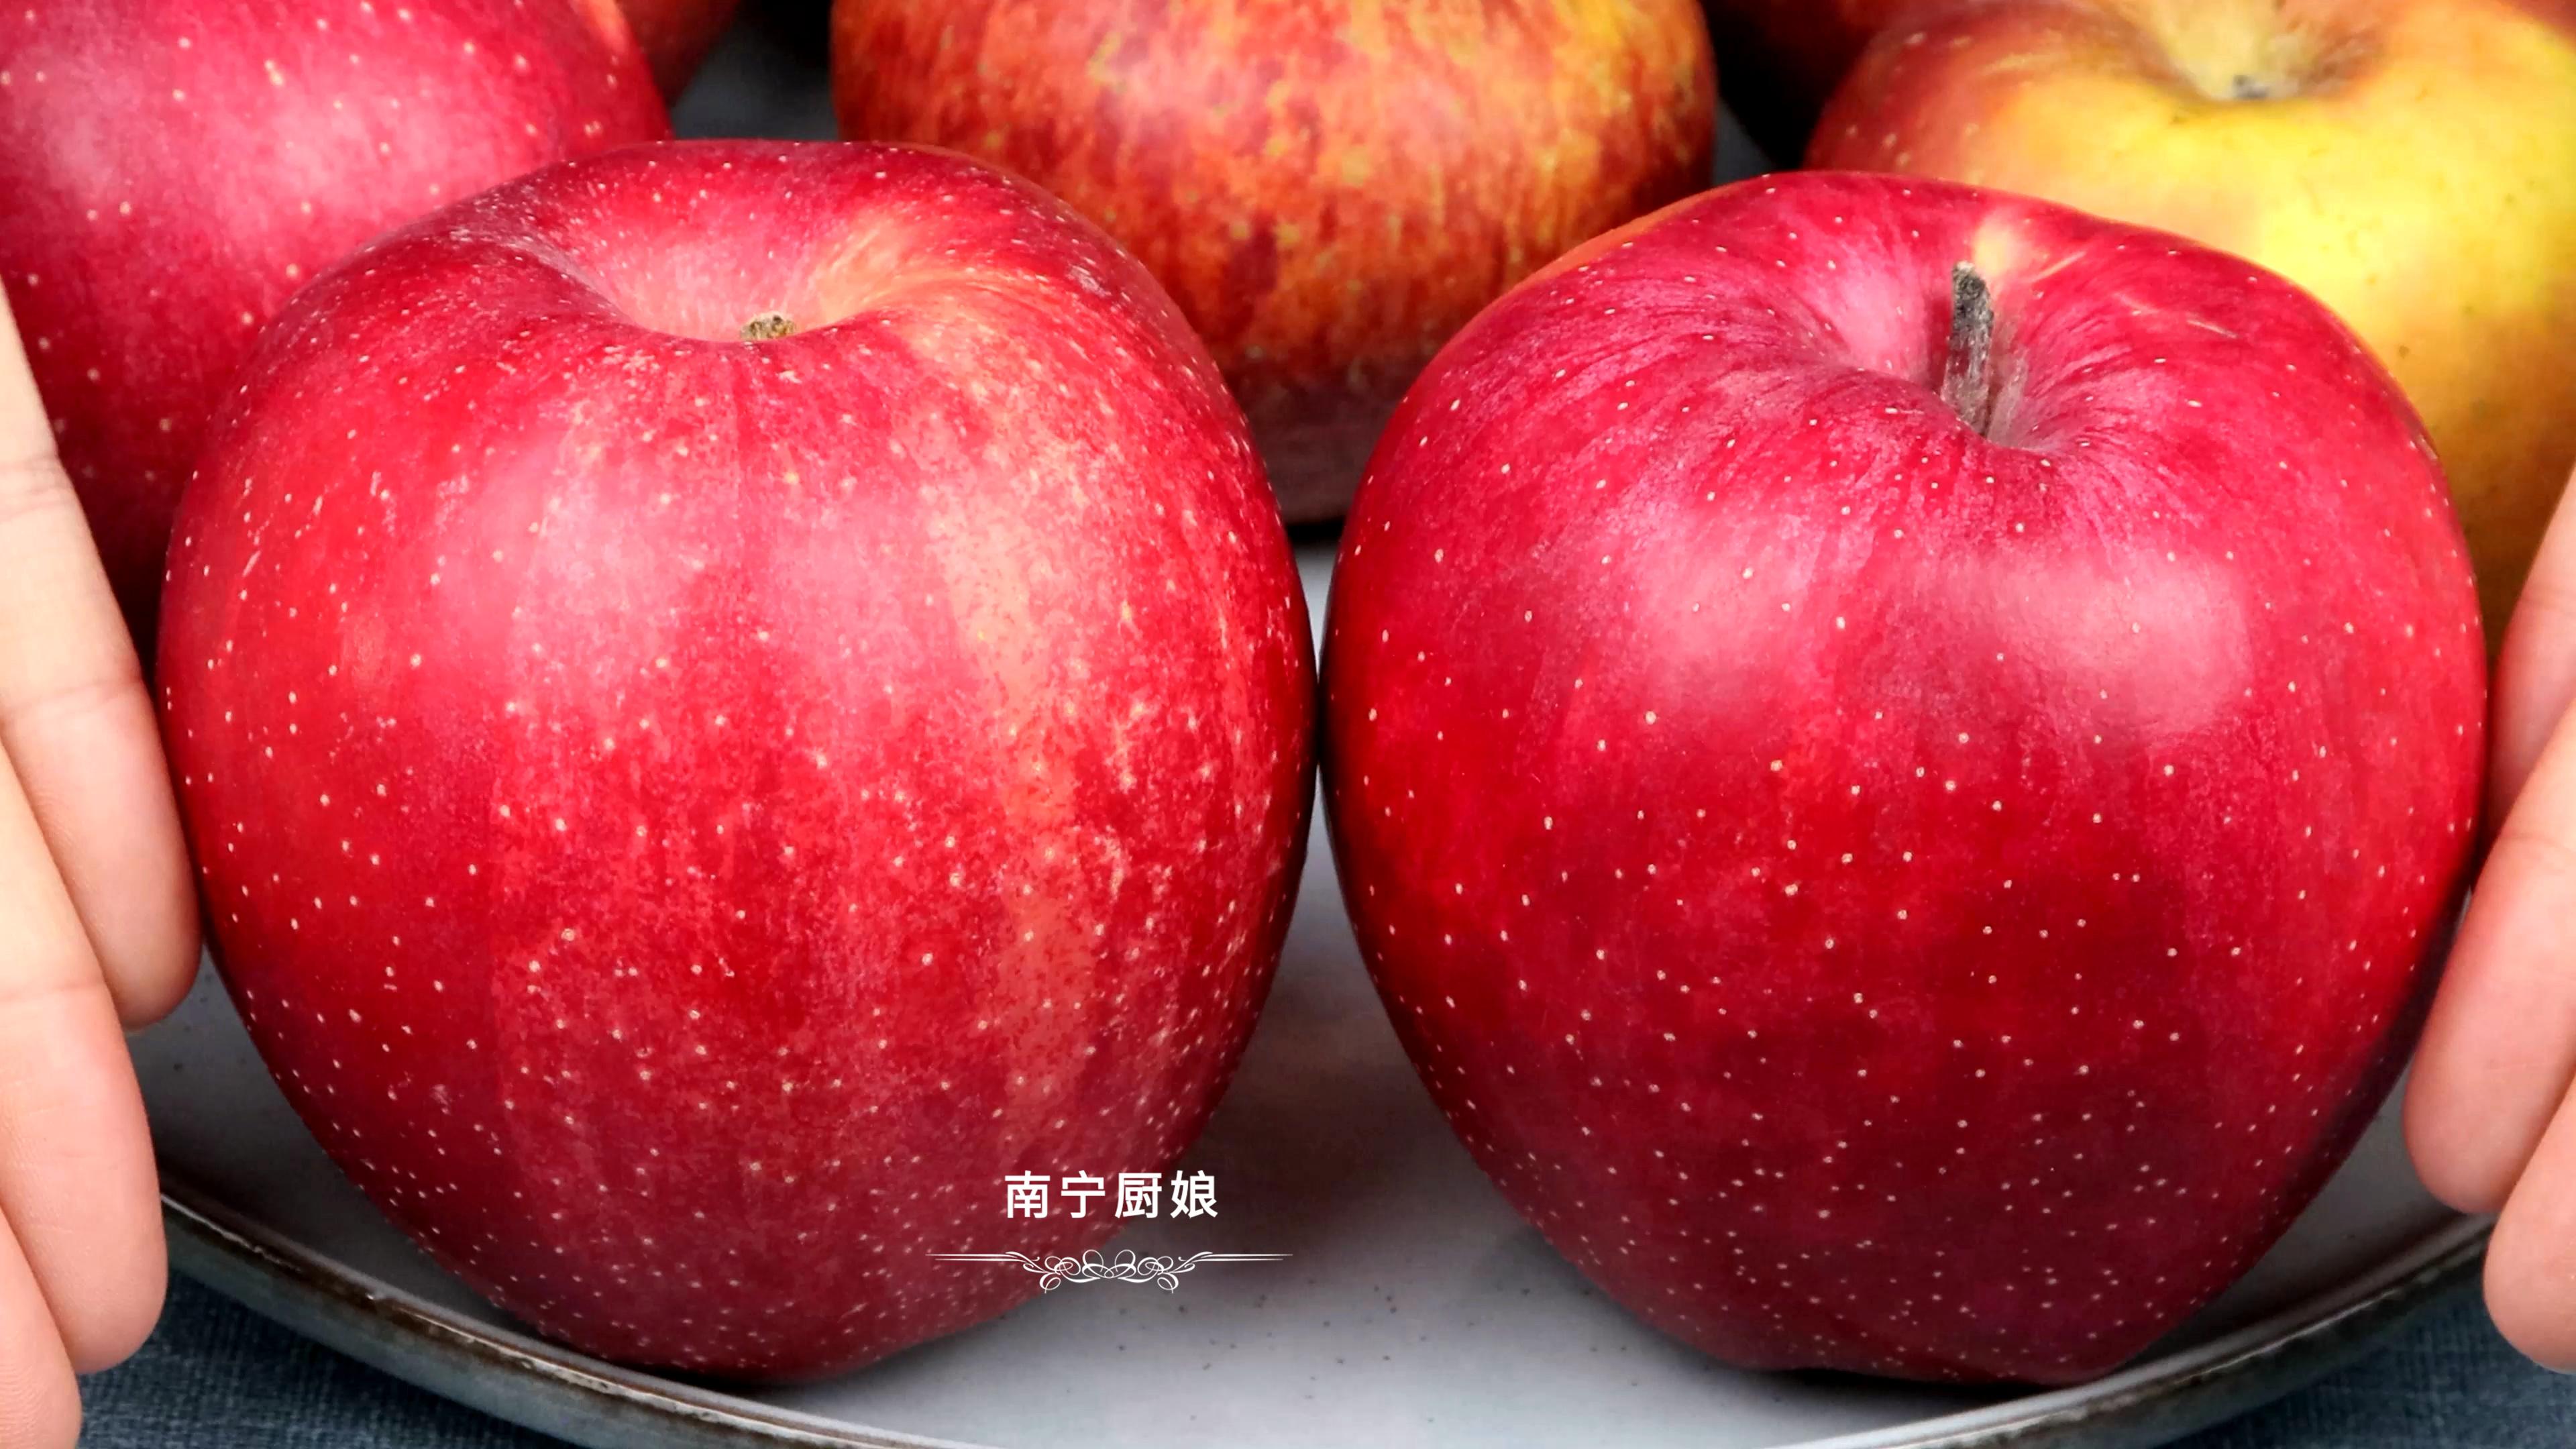 """買蘋果時,一定要挑""""母""""的,掌握這7點,買到的蘋果脆甜又多汁"""